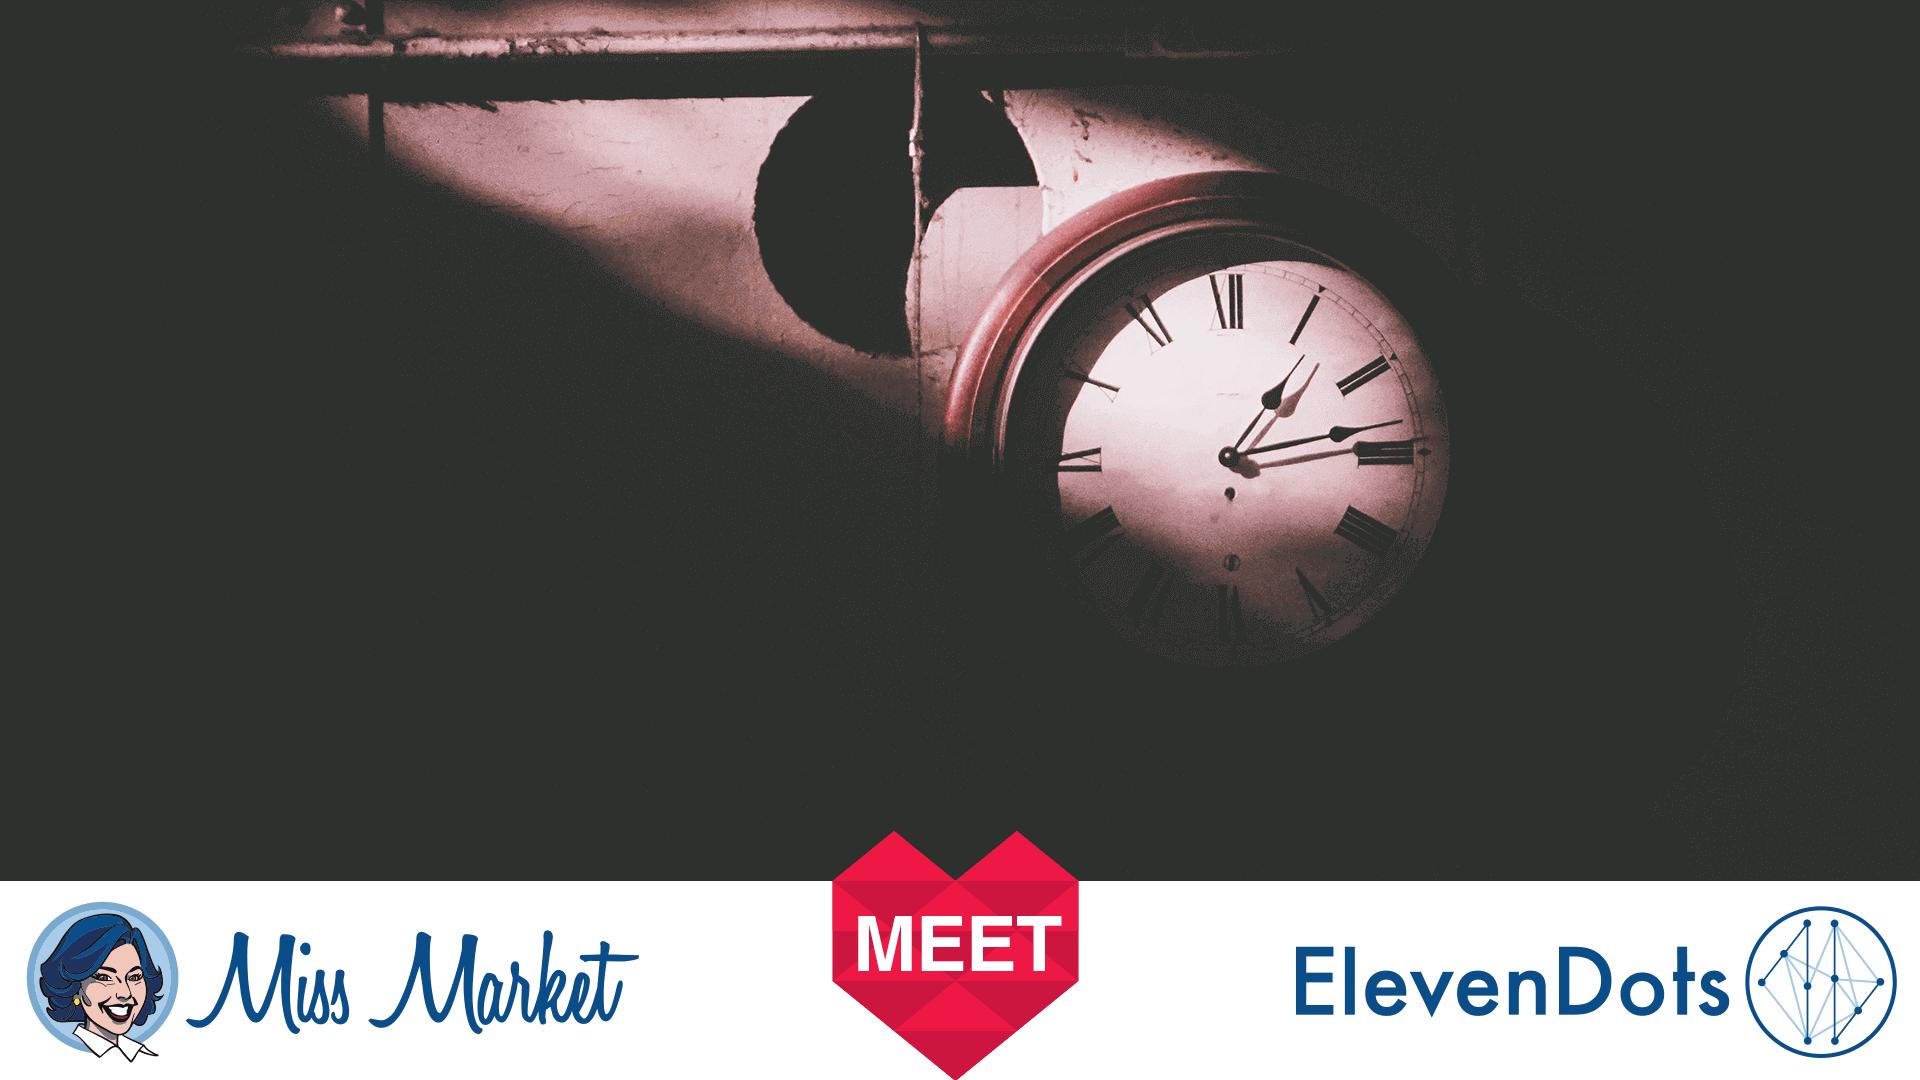 elevendots-miss-market-un-incontro-scaramantico-8